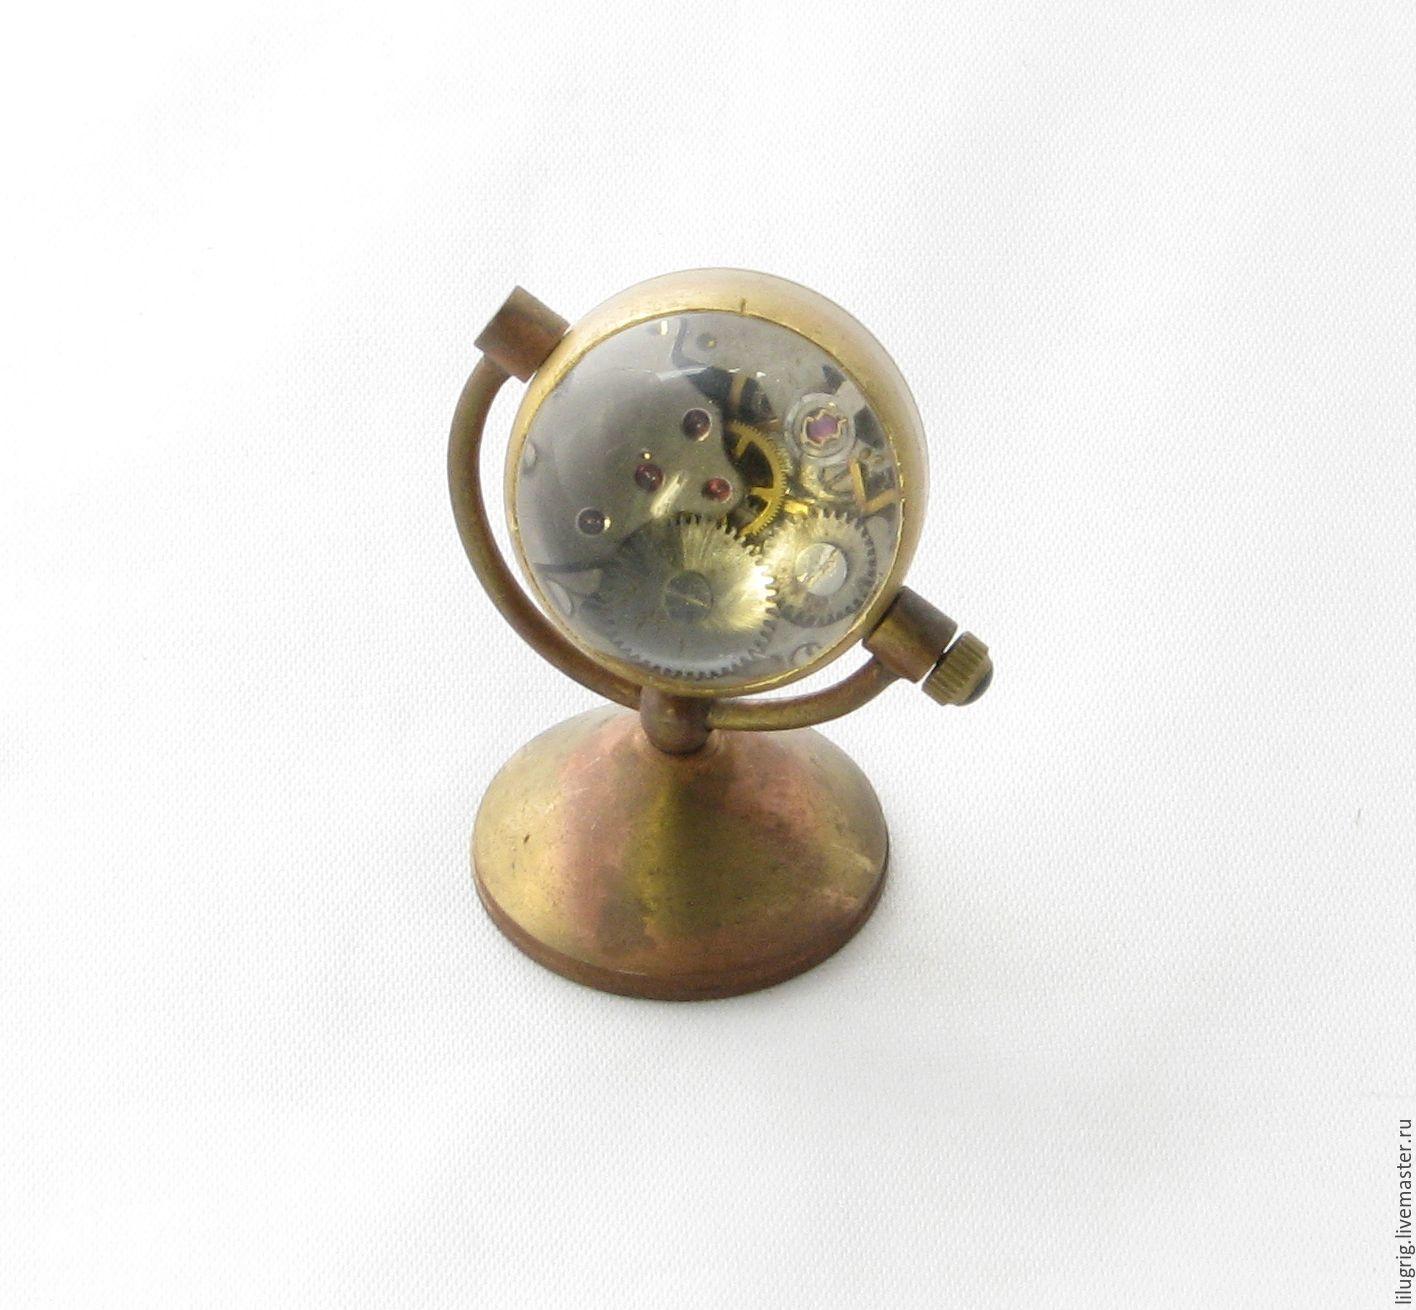 Часы сфера купить купить смарт часы в киеве самсунг